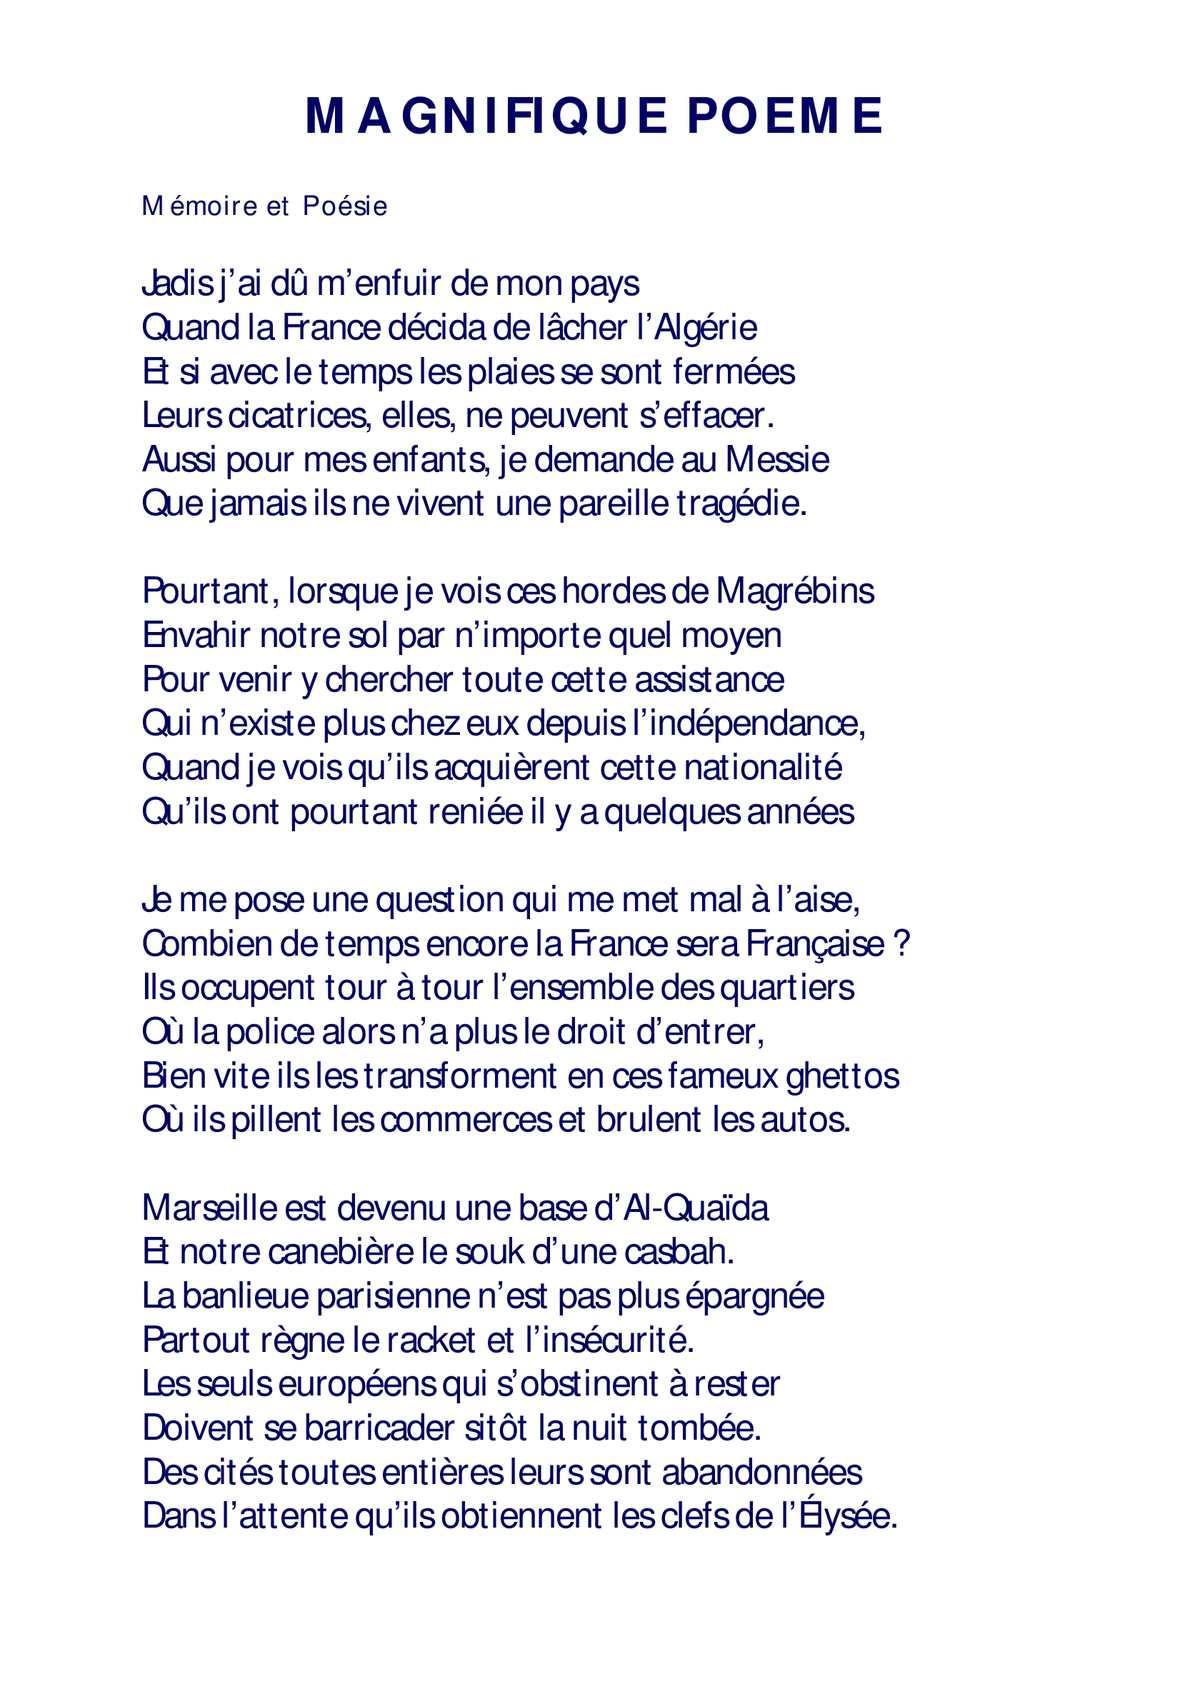 Calaméo Magnifique Poeme 1